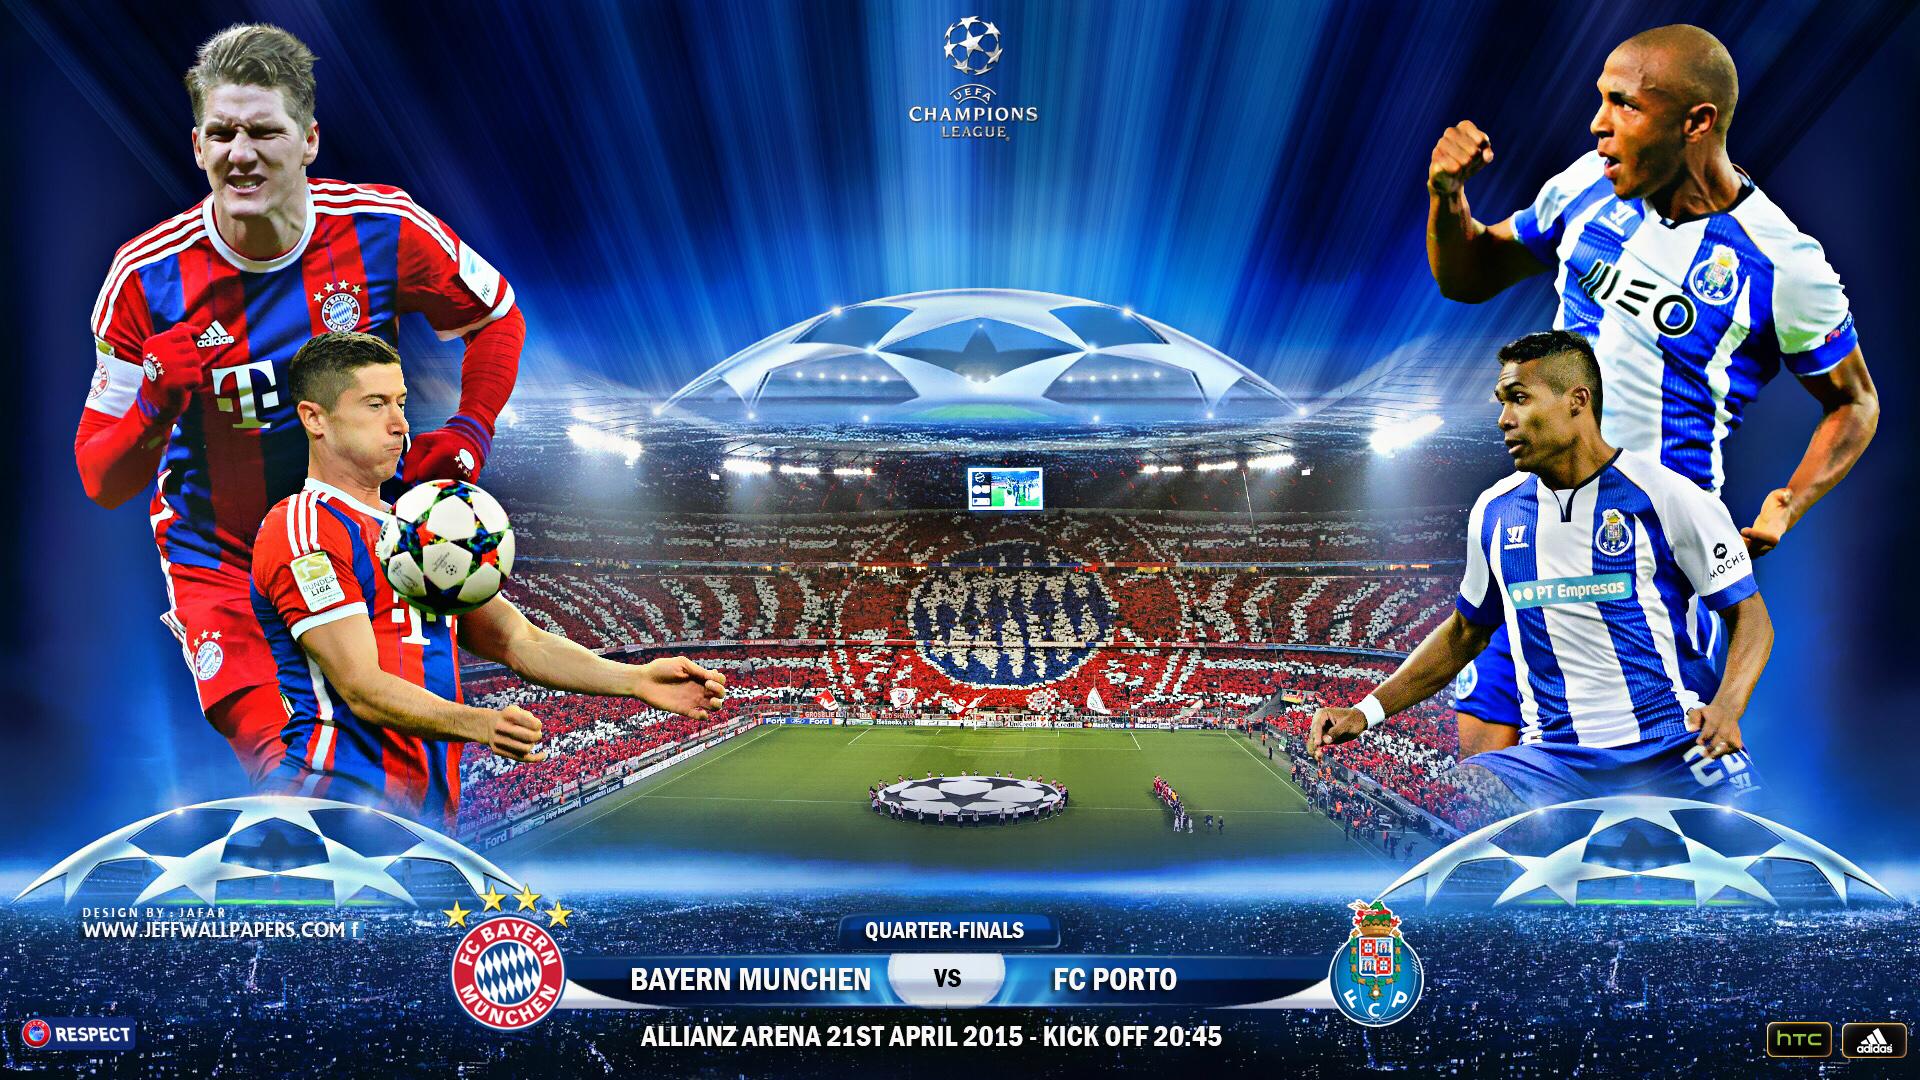 прогнозы футбольных матчей спорт